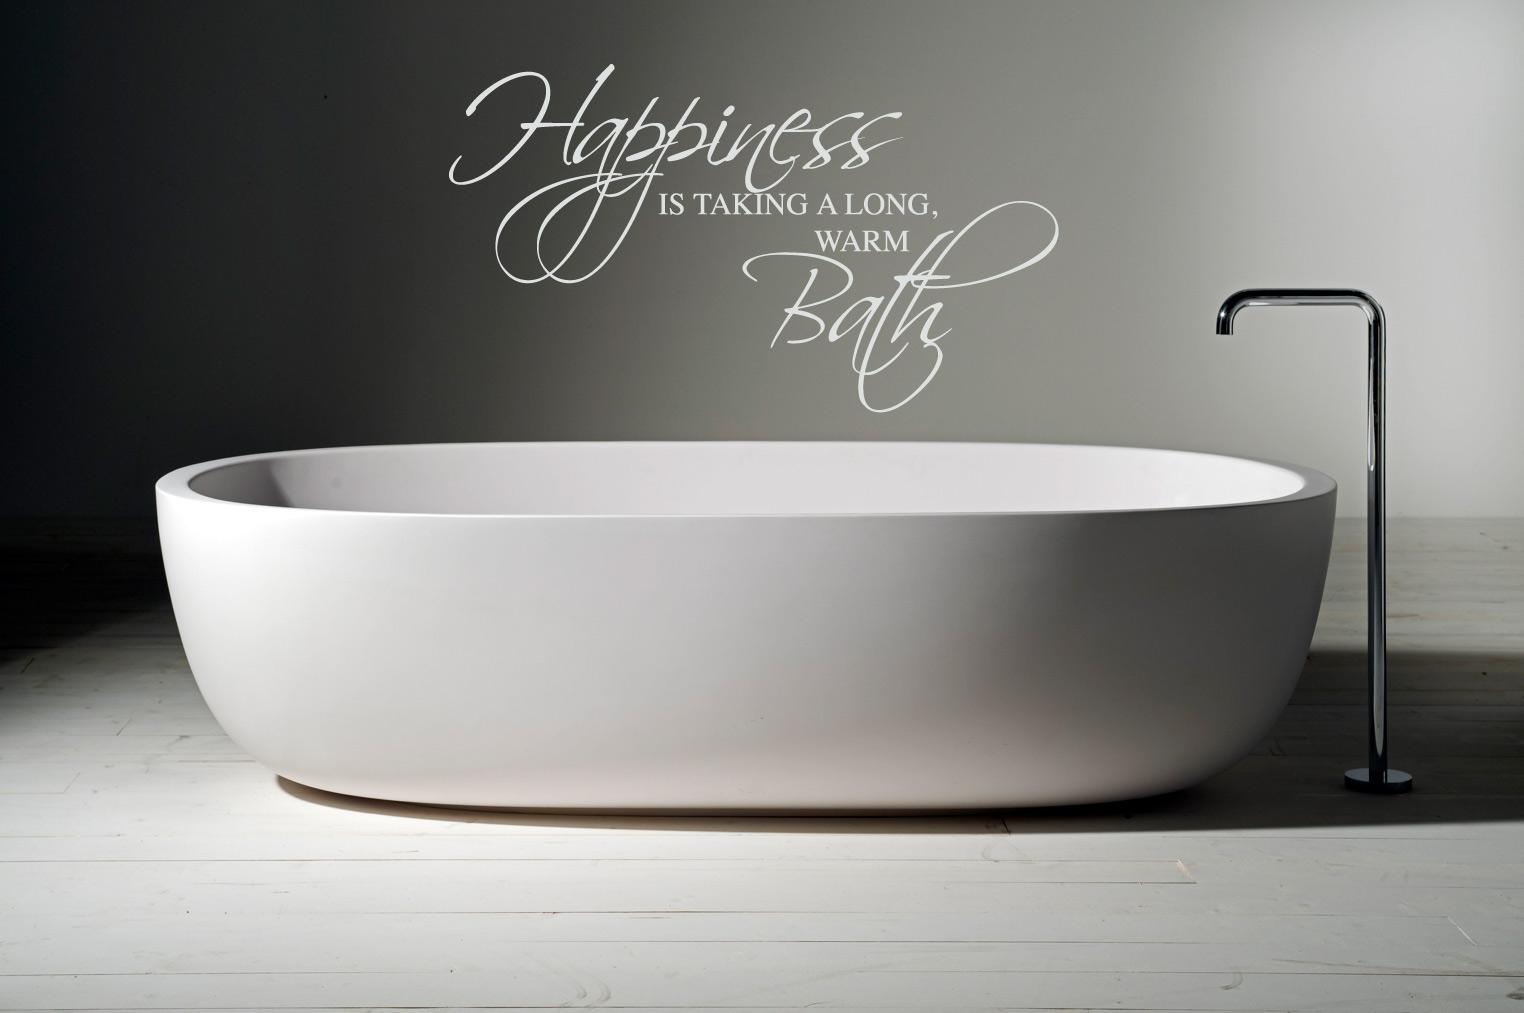 Bathroom quote #2